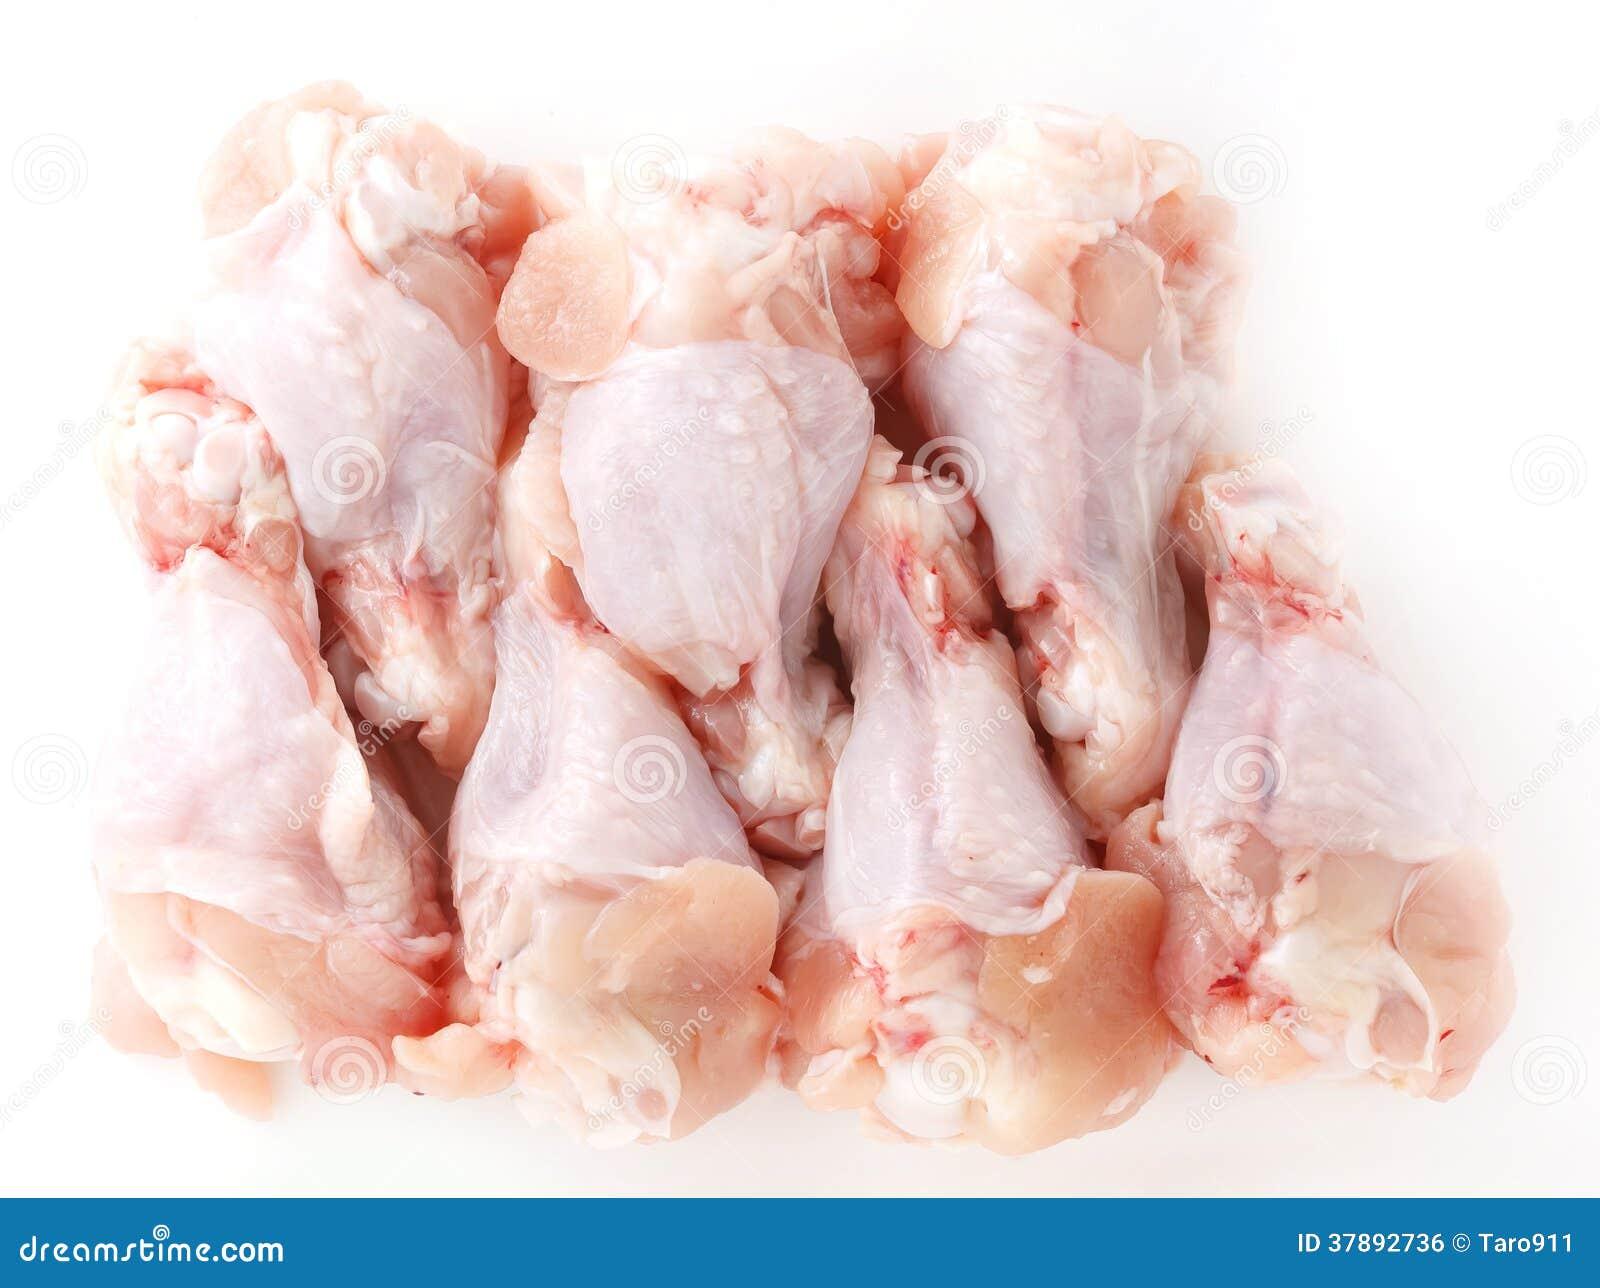 Ruwe kippenvleugel